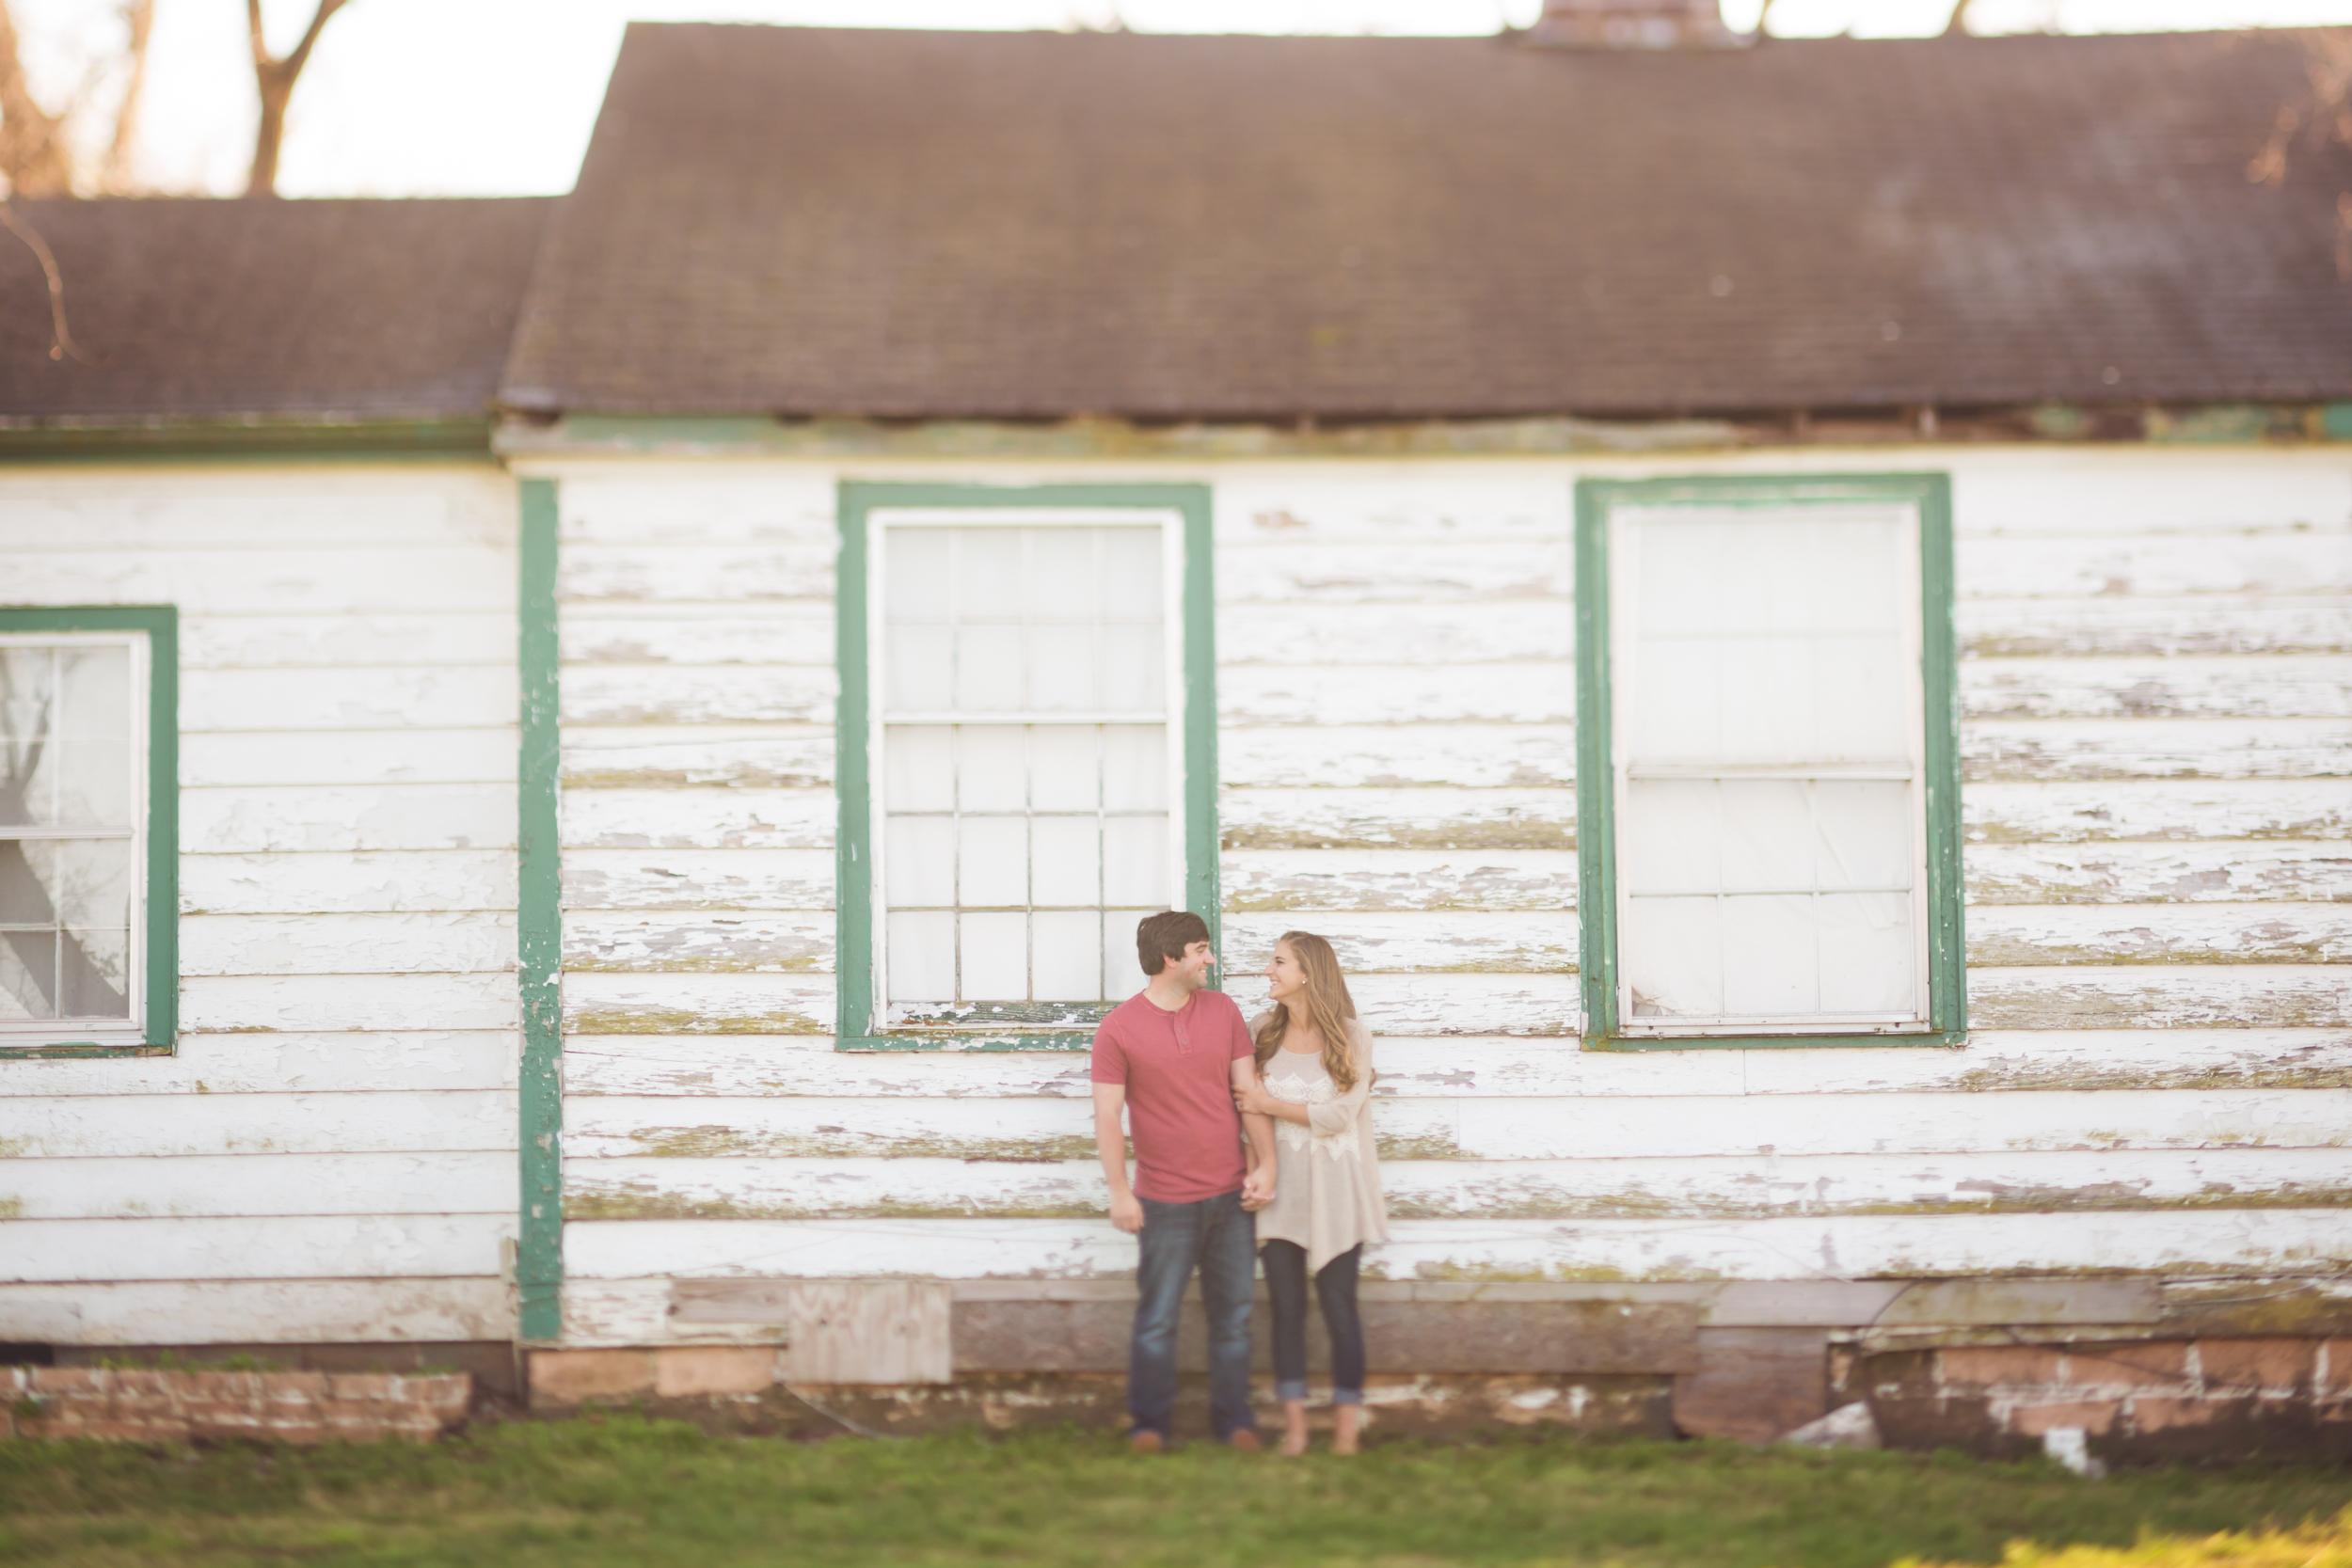 022_Zach+Emma_Engagement.jpg